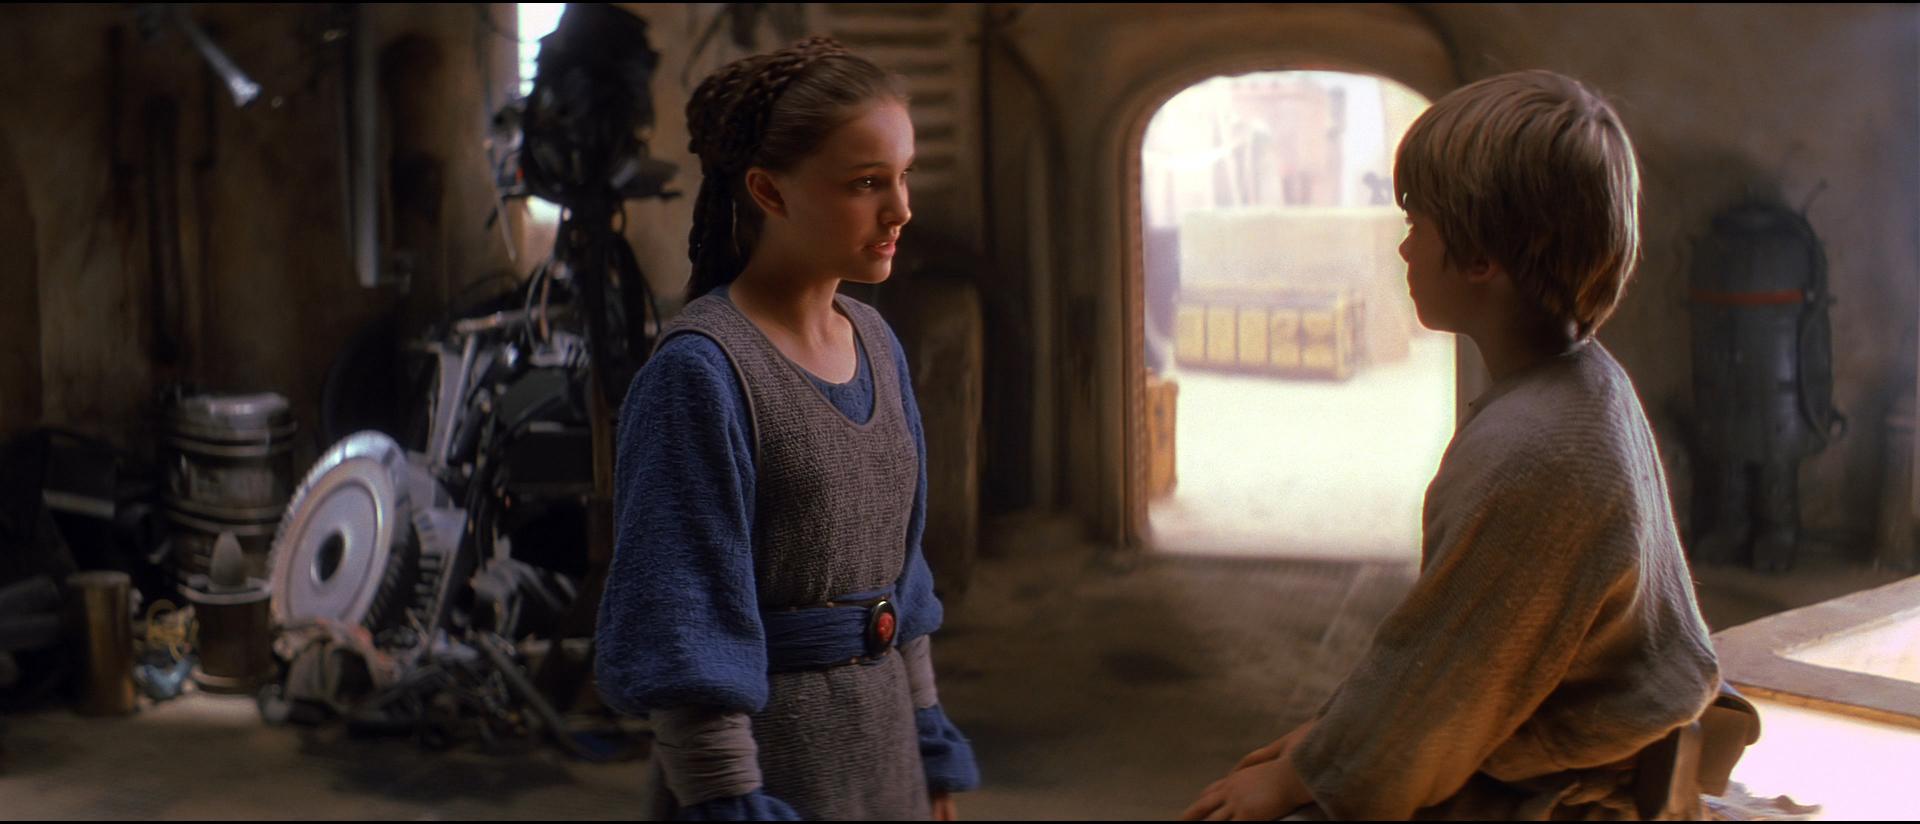 """""""Are you an angel?"""" - Anakin Skywalker to Padme Amidala"""